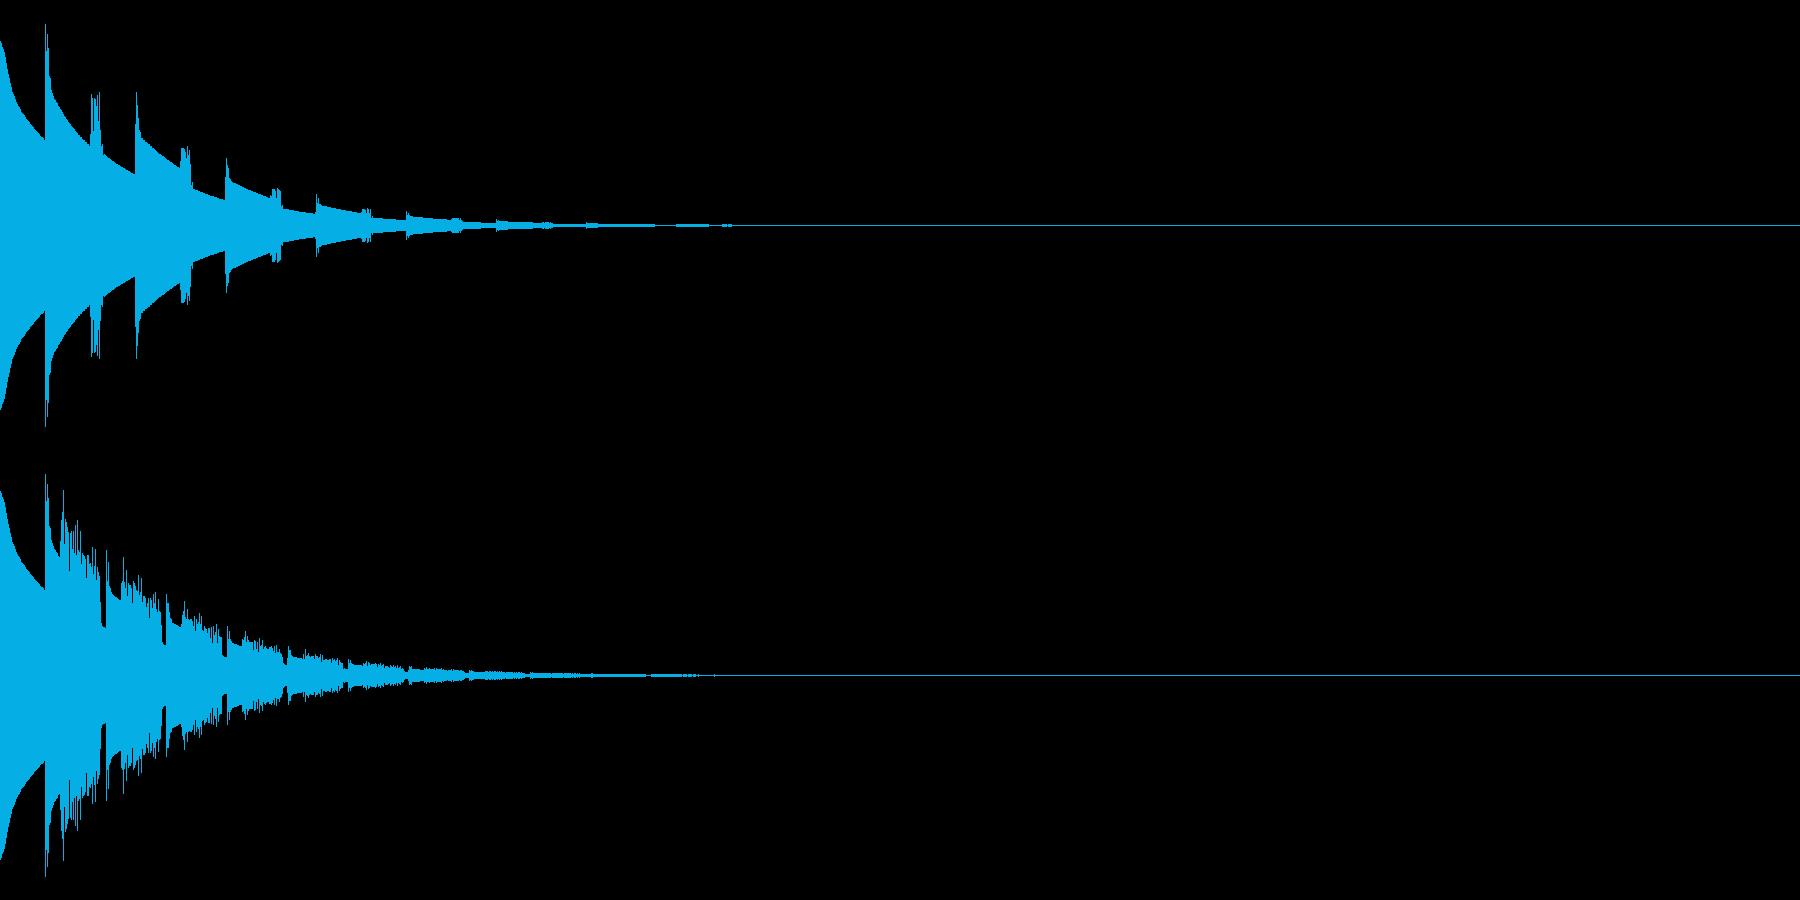 ピンポン(クイズの正解音)の再生済みの波形